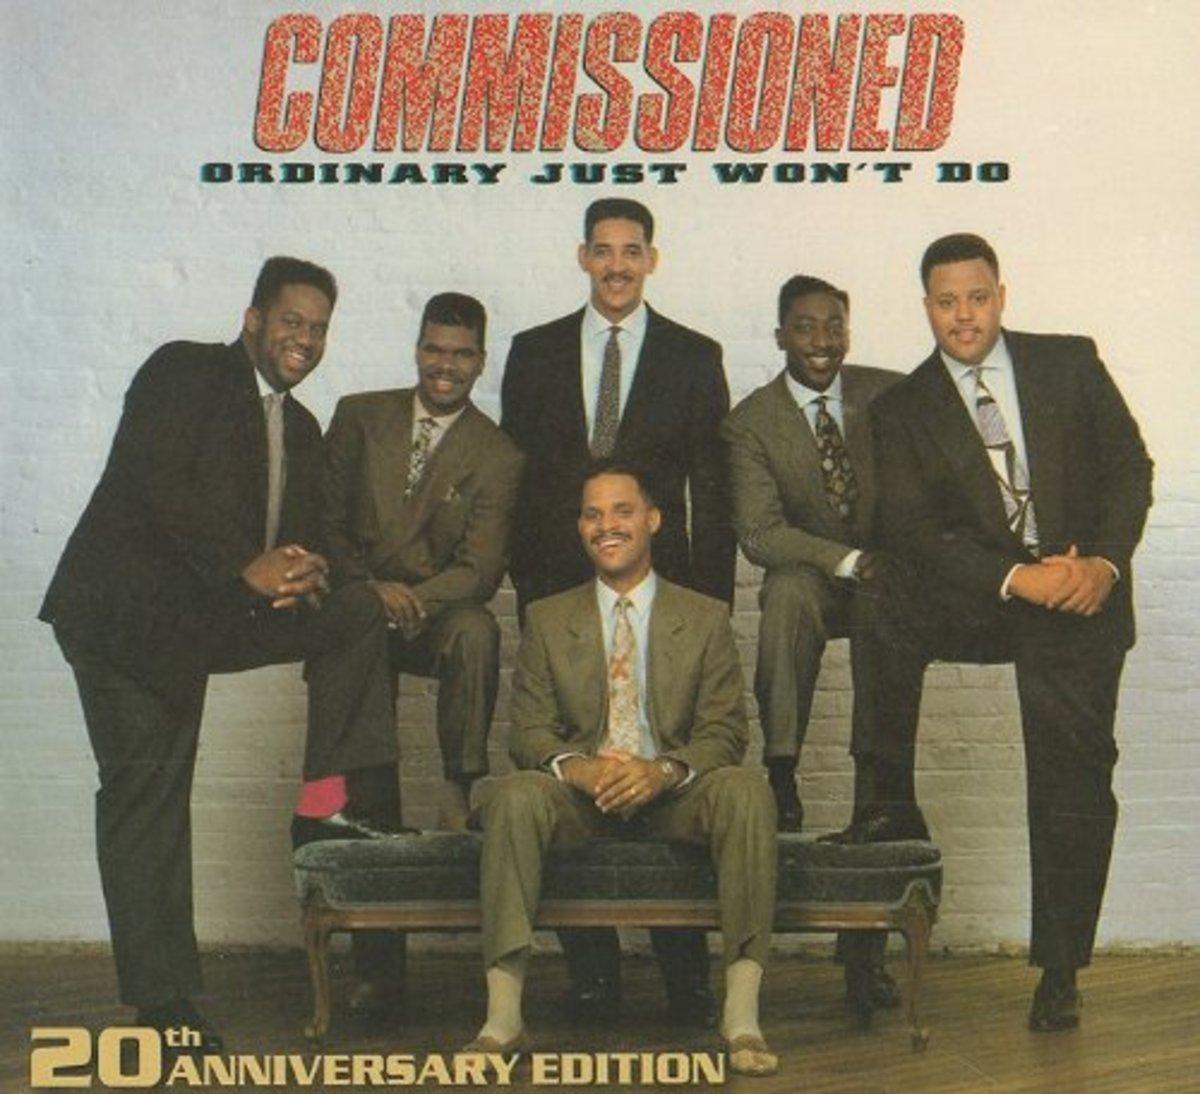 5th album Released: 1989